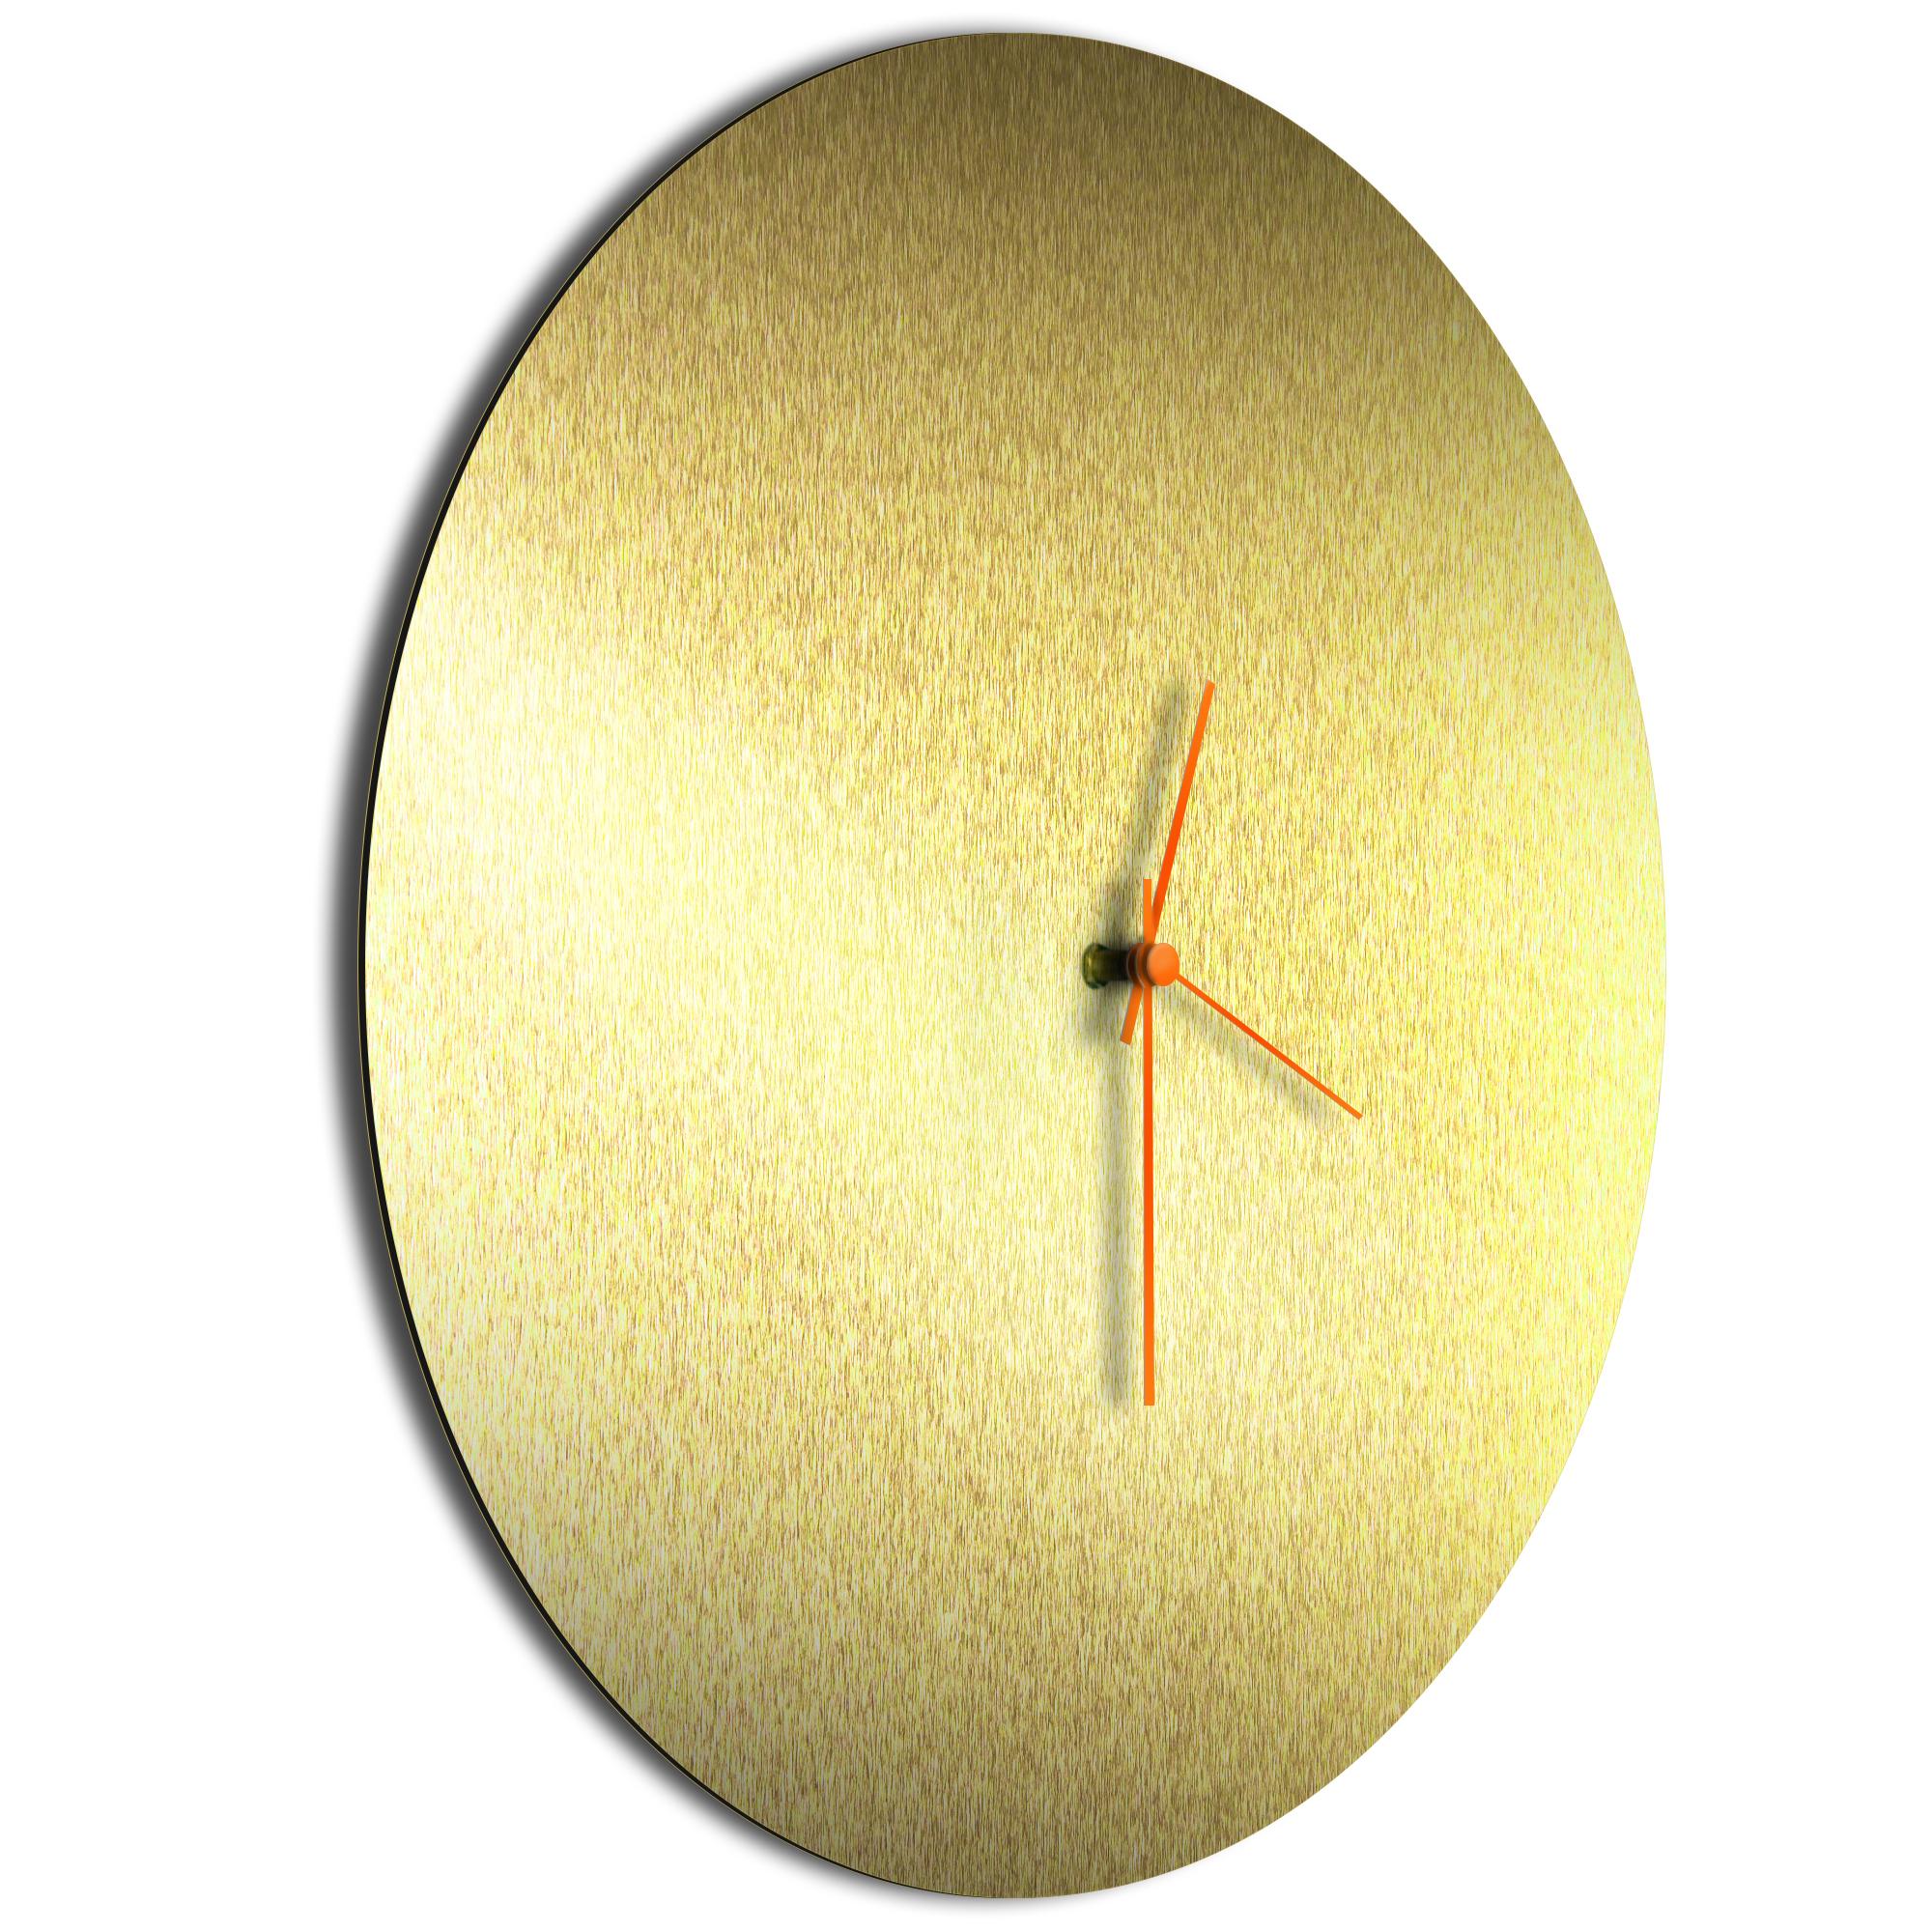 Goldsmith Circle Clock Orange - Image 2